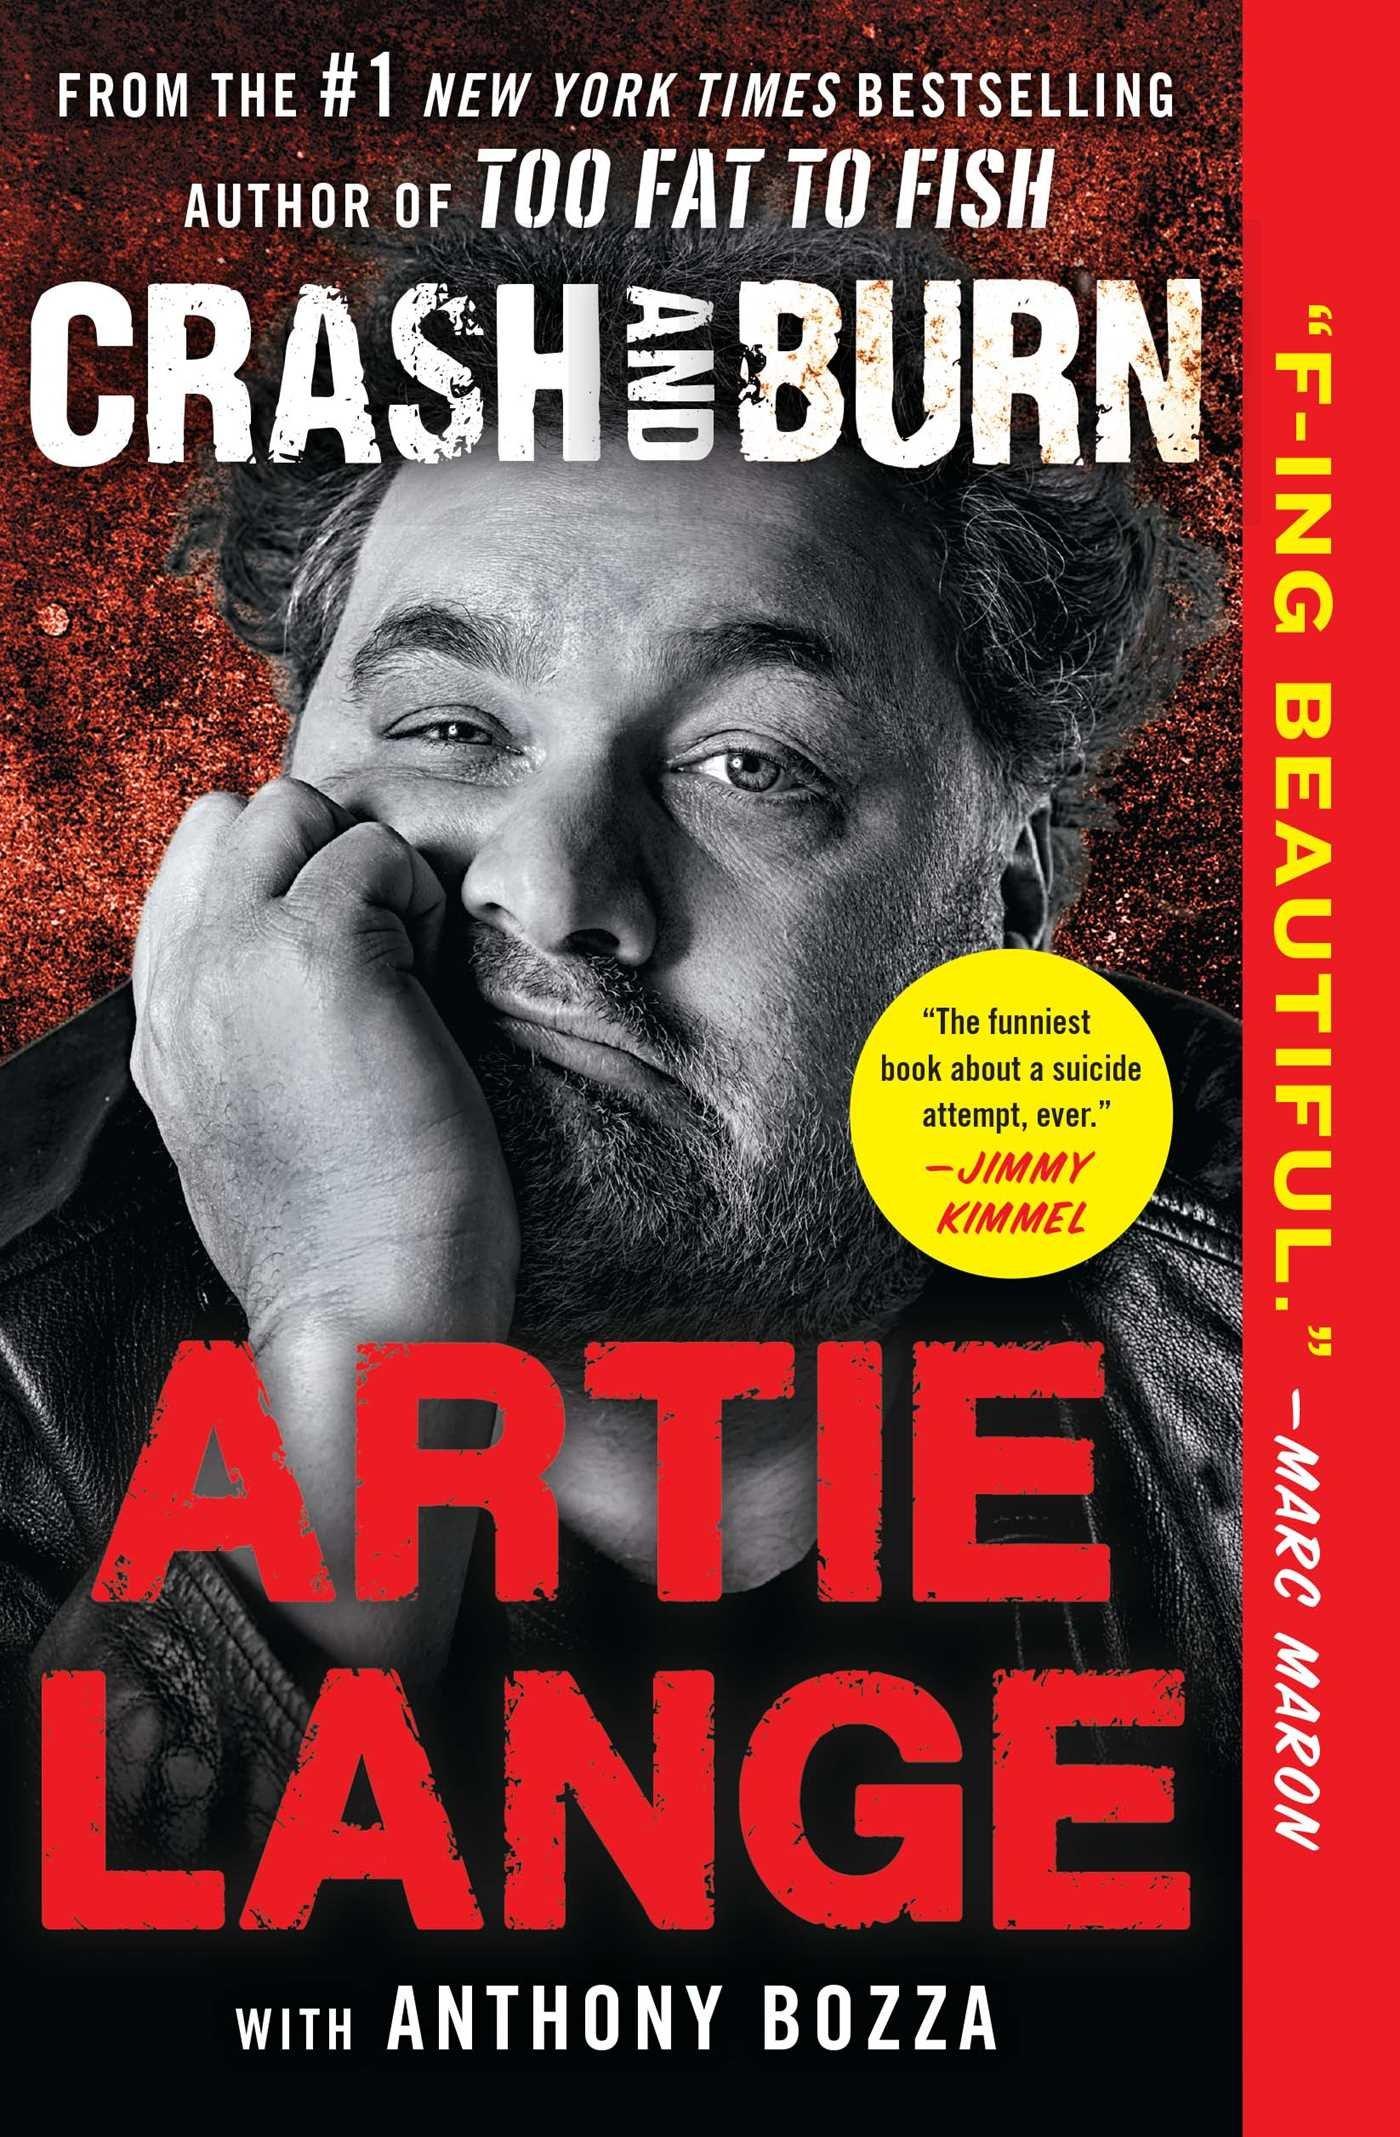 amazon crash and burn artie lange anthony bozza comedy